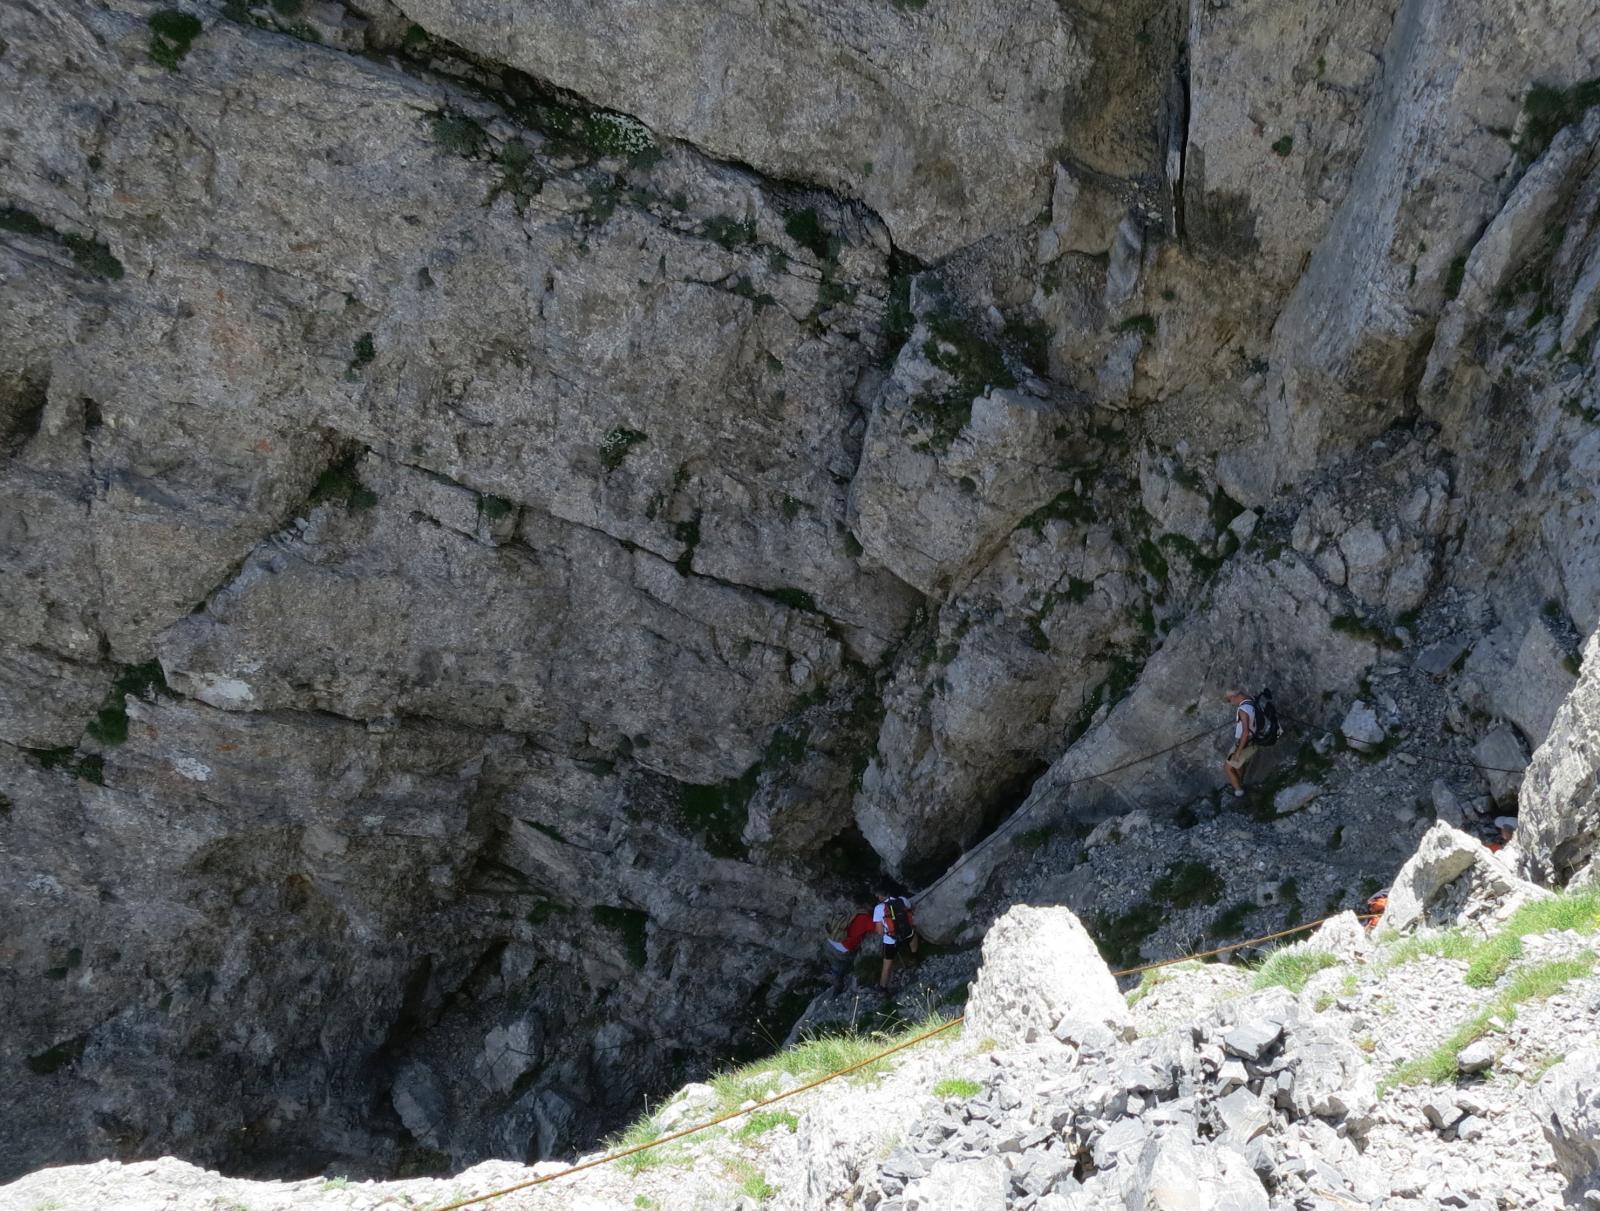 ed entra in una forra rocciosa parallela al canale dei Torinesi